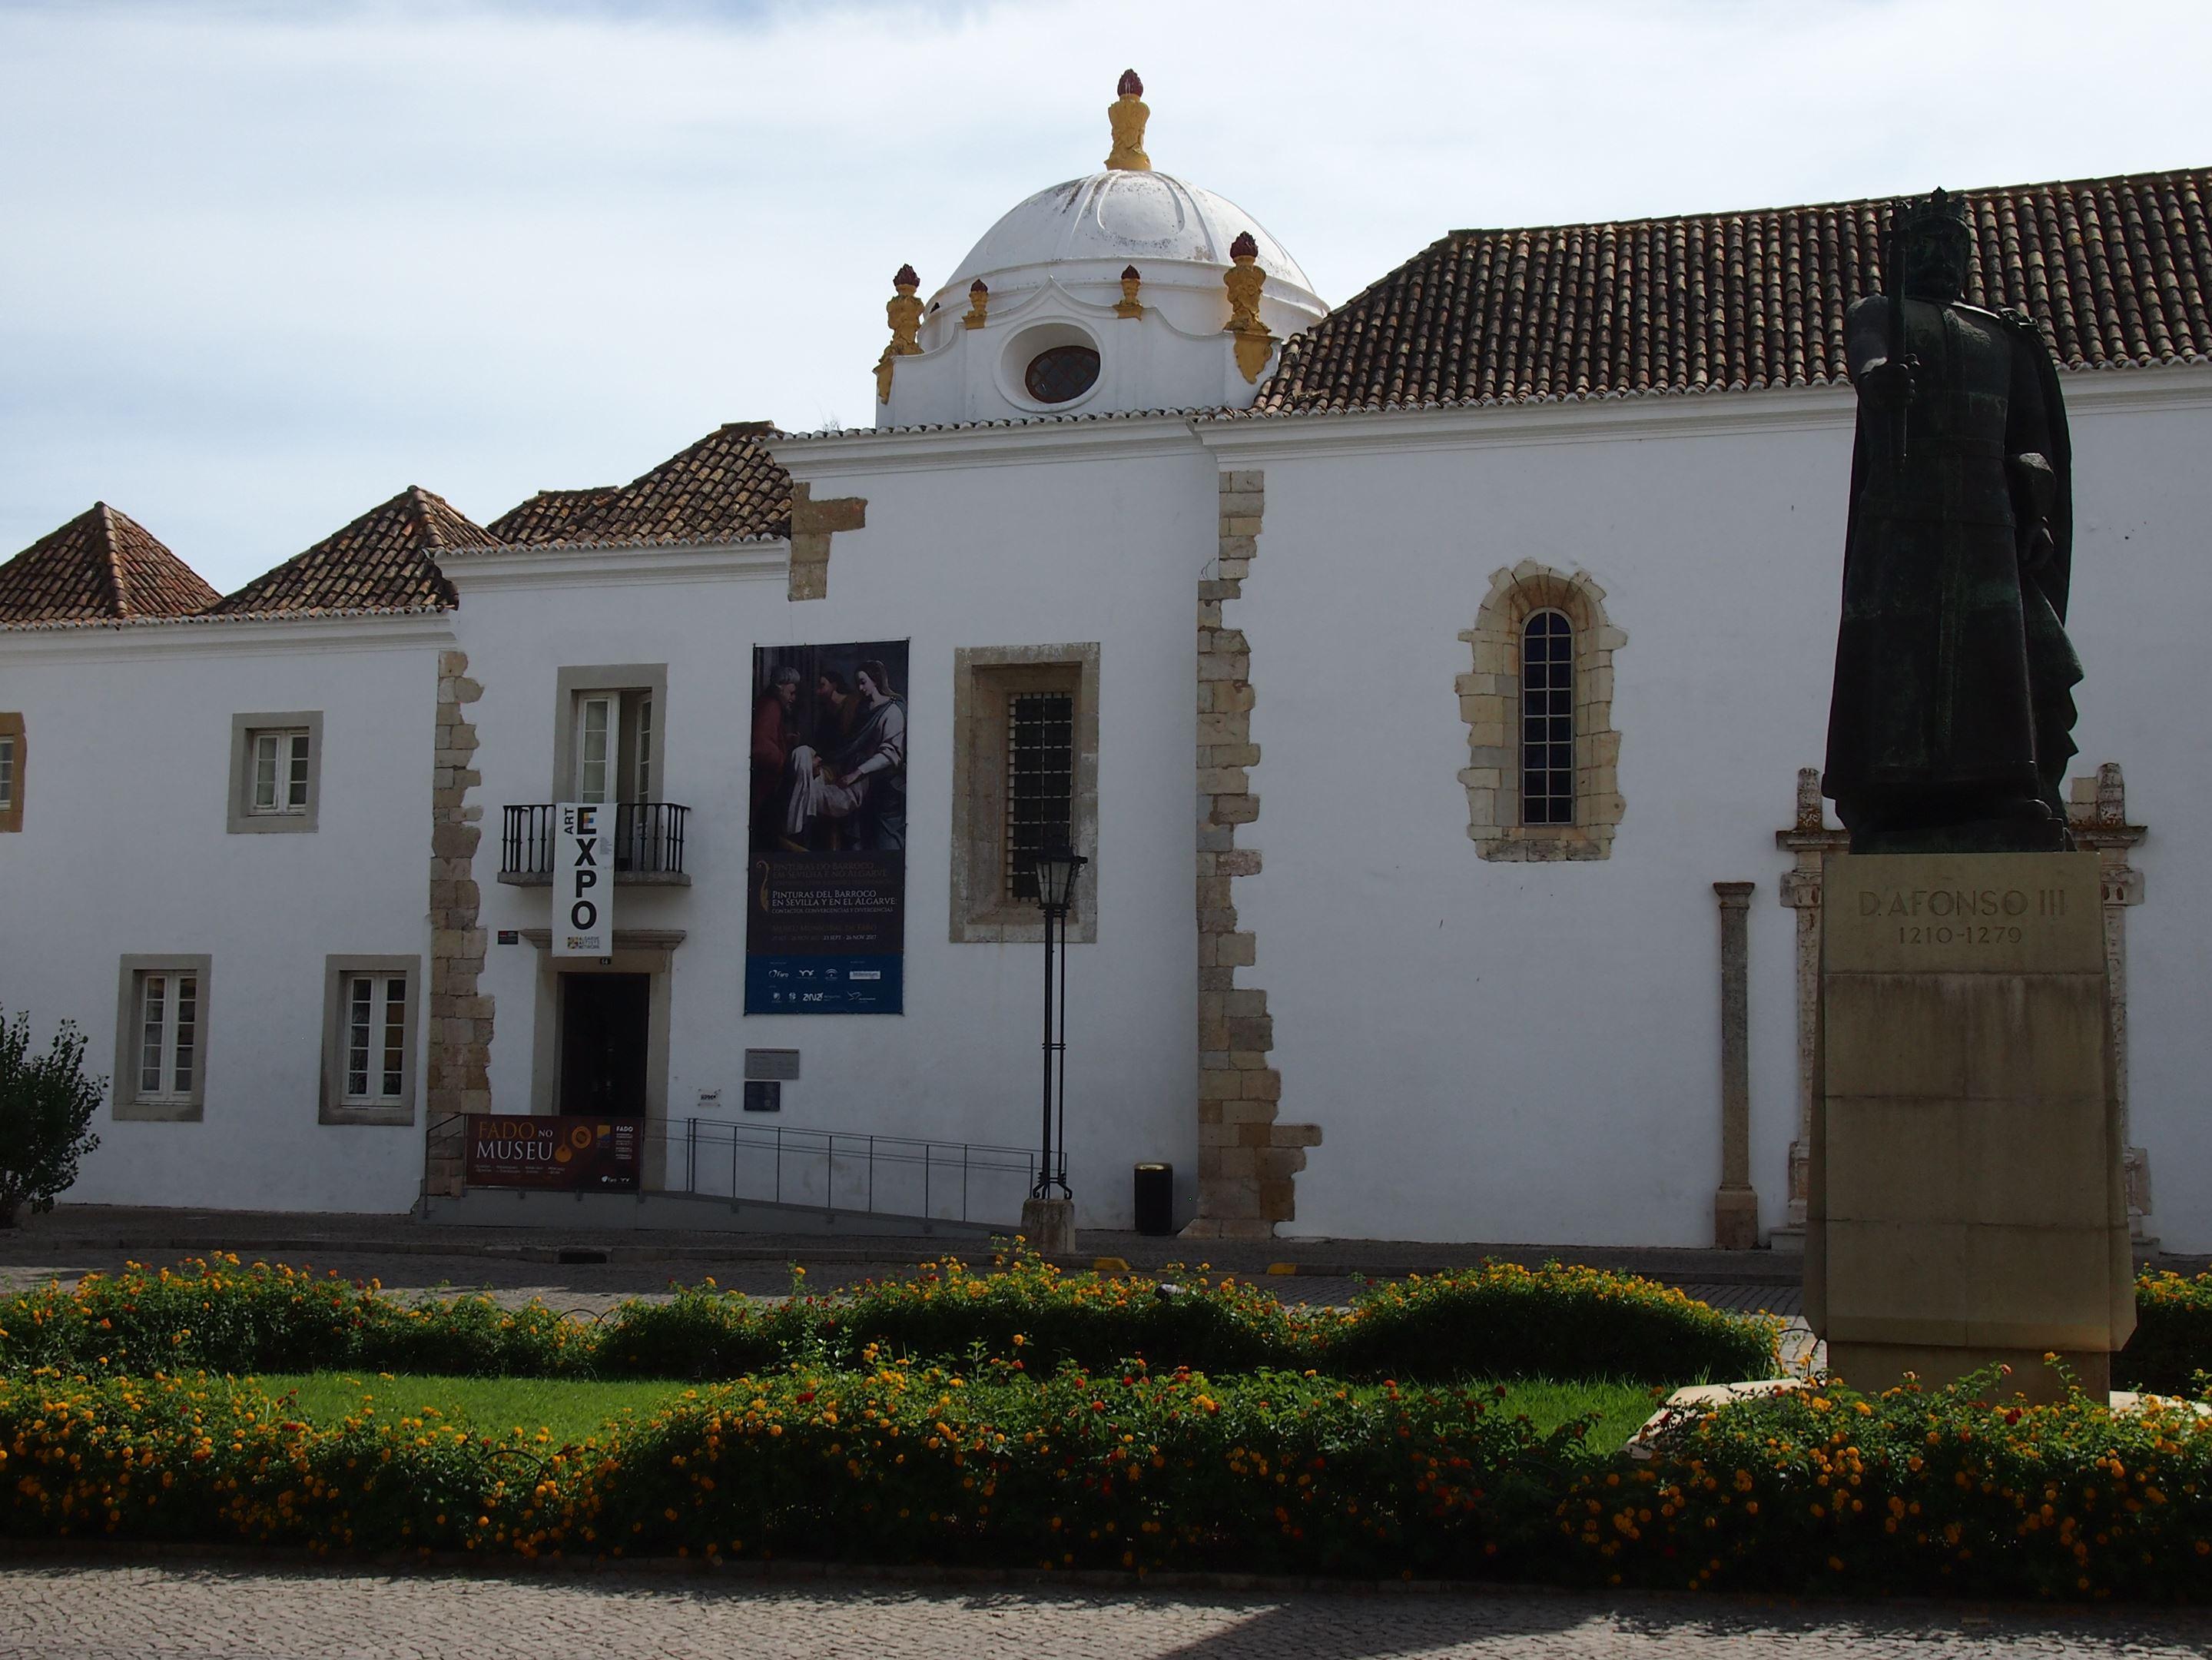 Museu Municipal de Faro (Faro Municipal Museum), formerly a convent, Nossa Senhora da Asunção Convent, dating back to the 16th century.